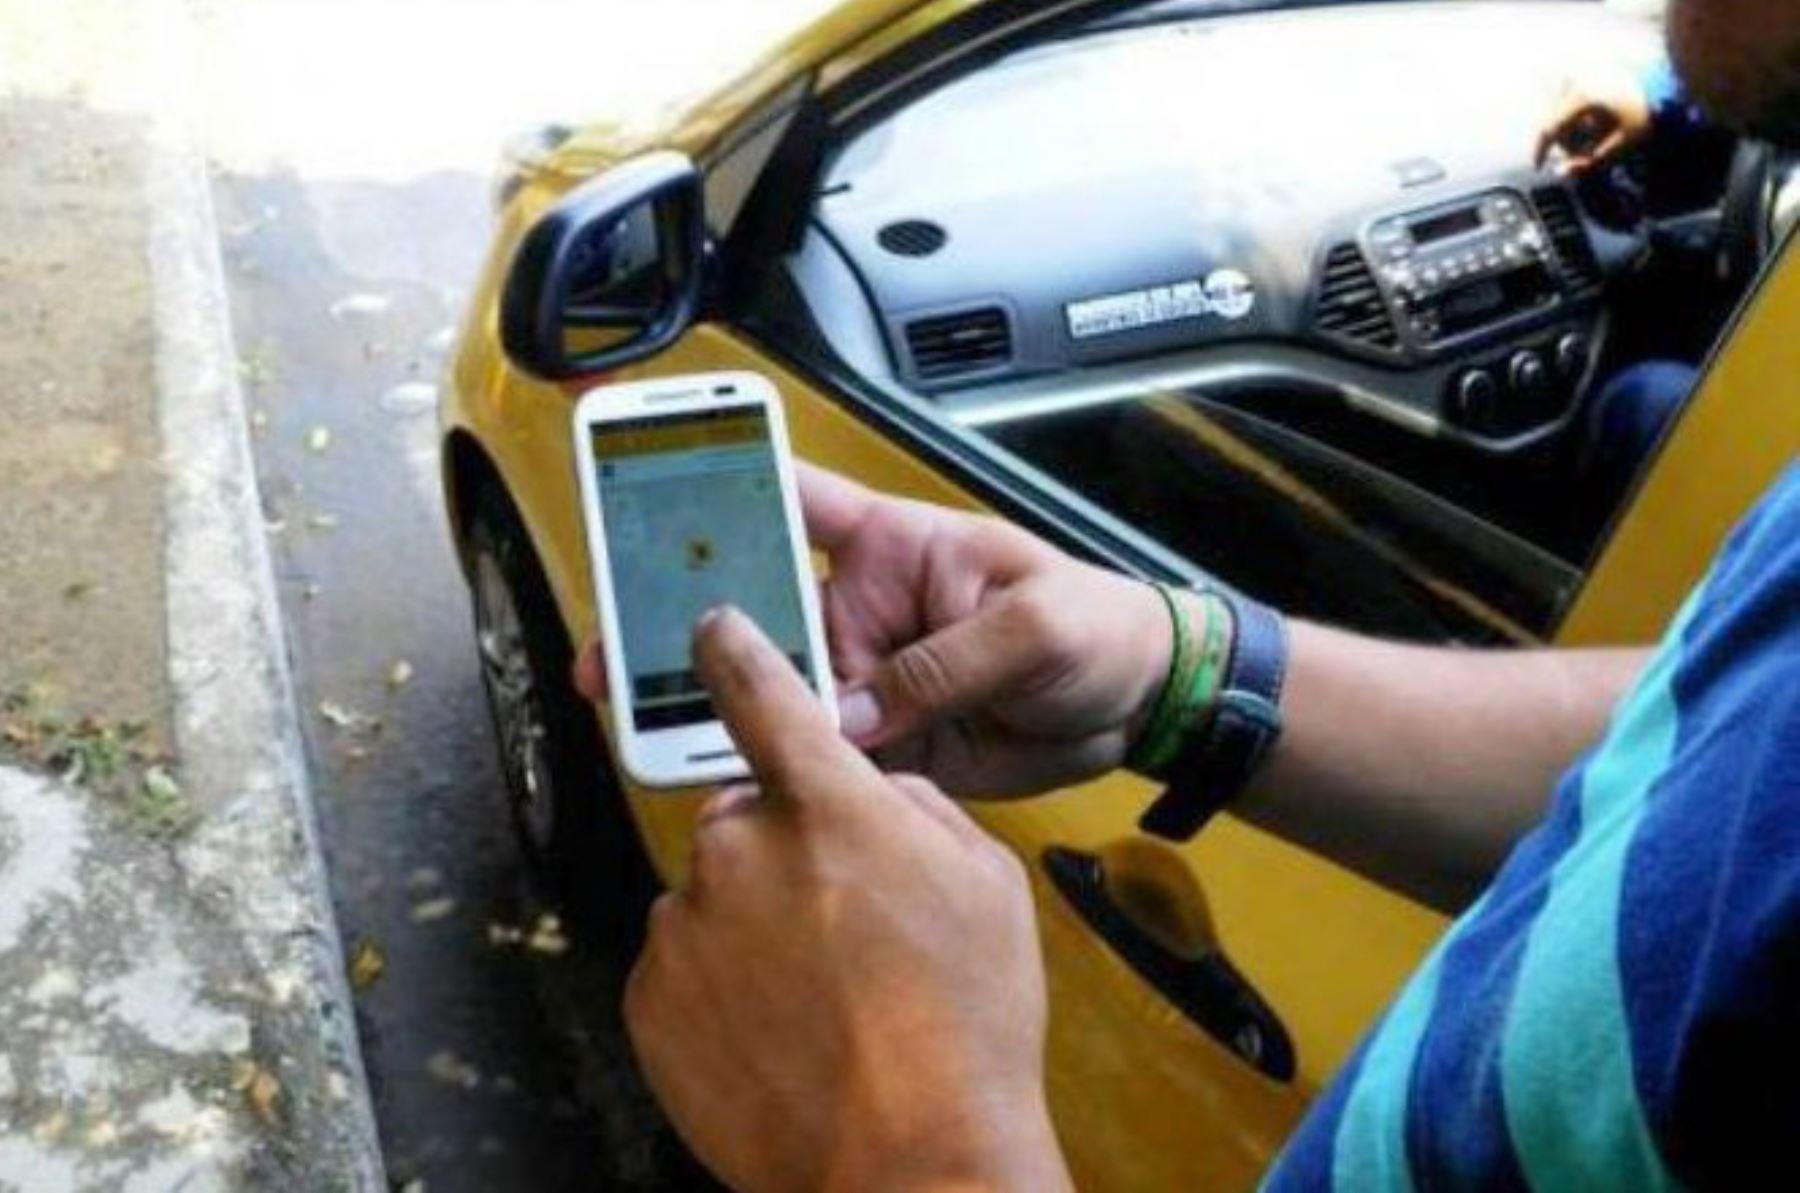 Datos de 57 millones de usuarios fueron pirateados, reporta Uber